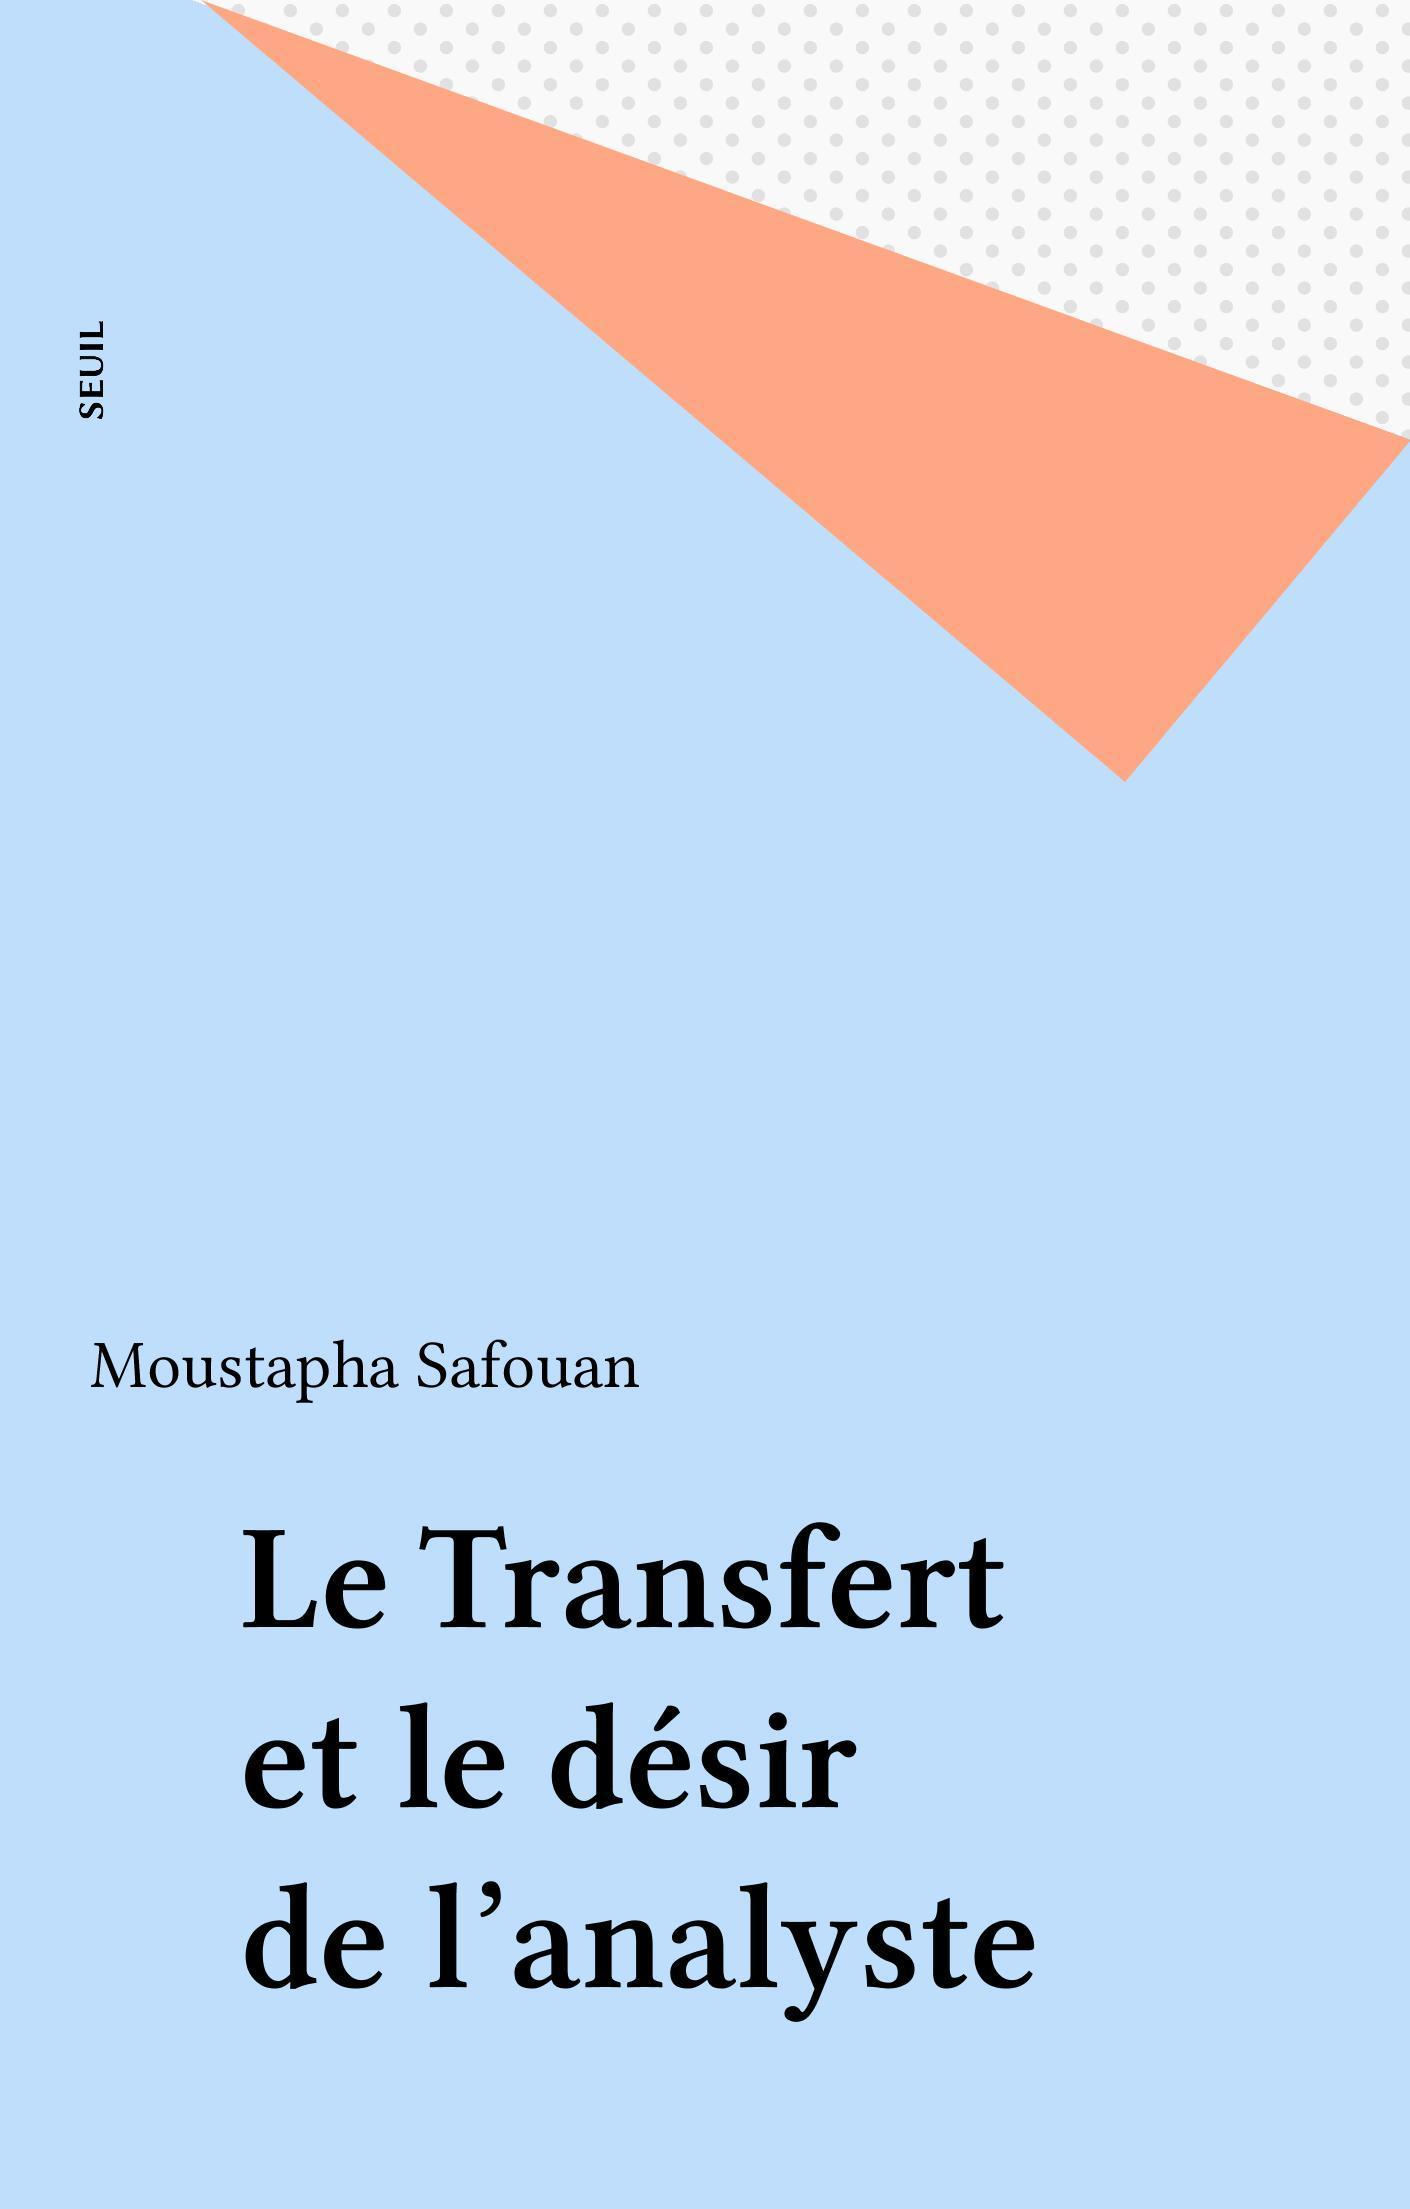 www.traverse.be